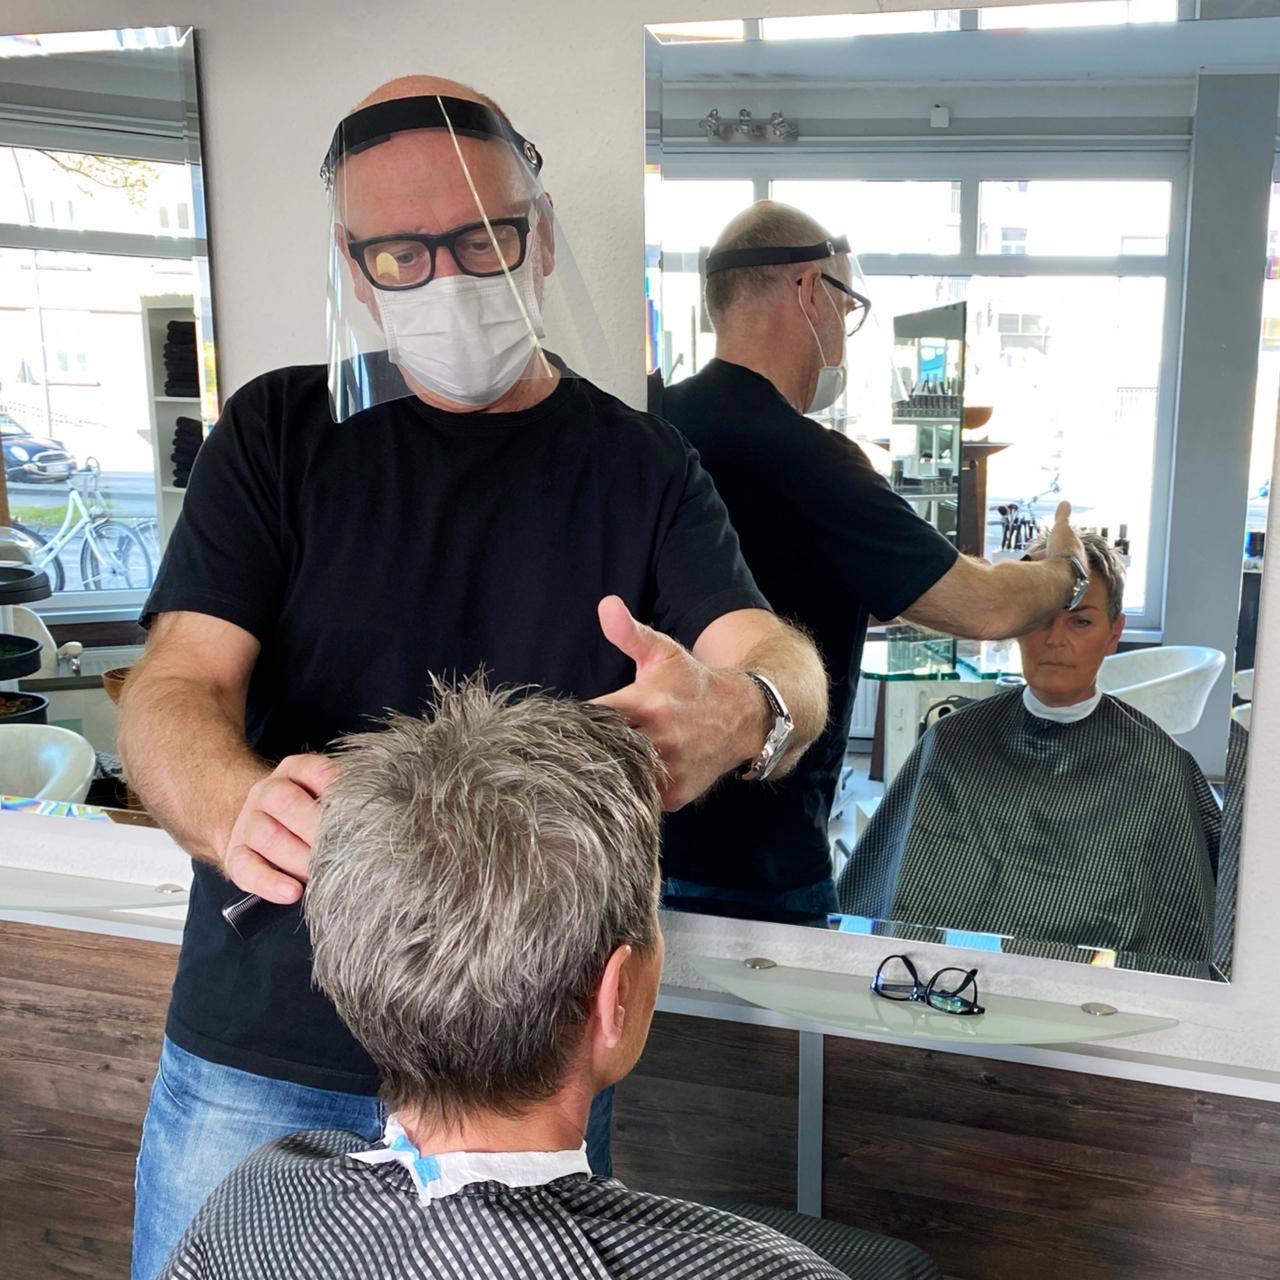 Klarsichtiger Gesichtsschutz aus transparenter Polyesterfolie für Friseure